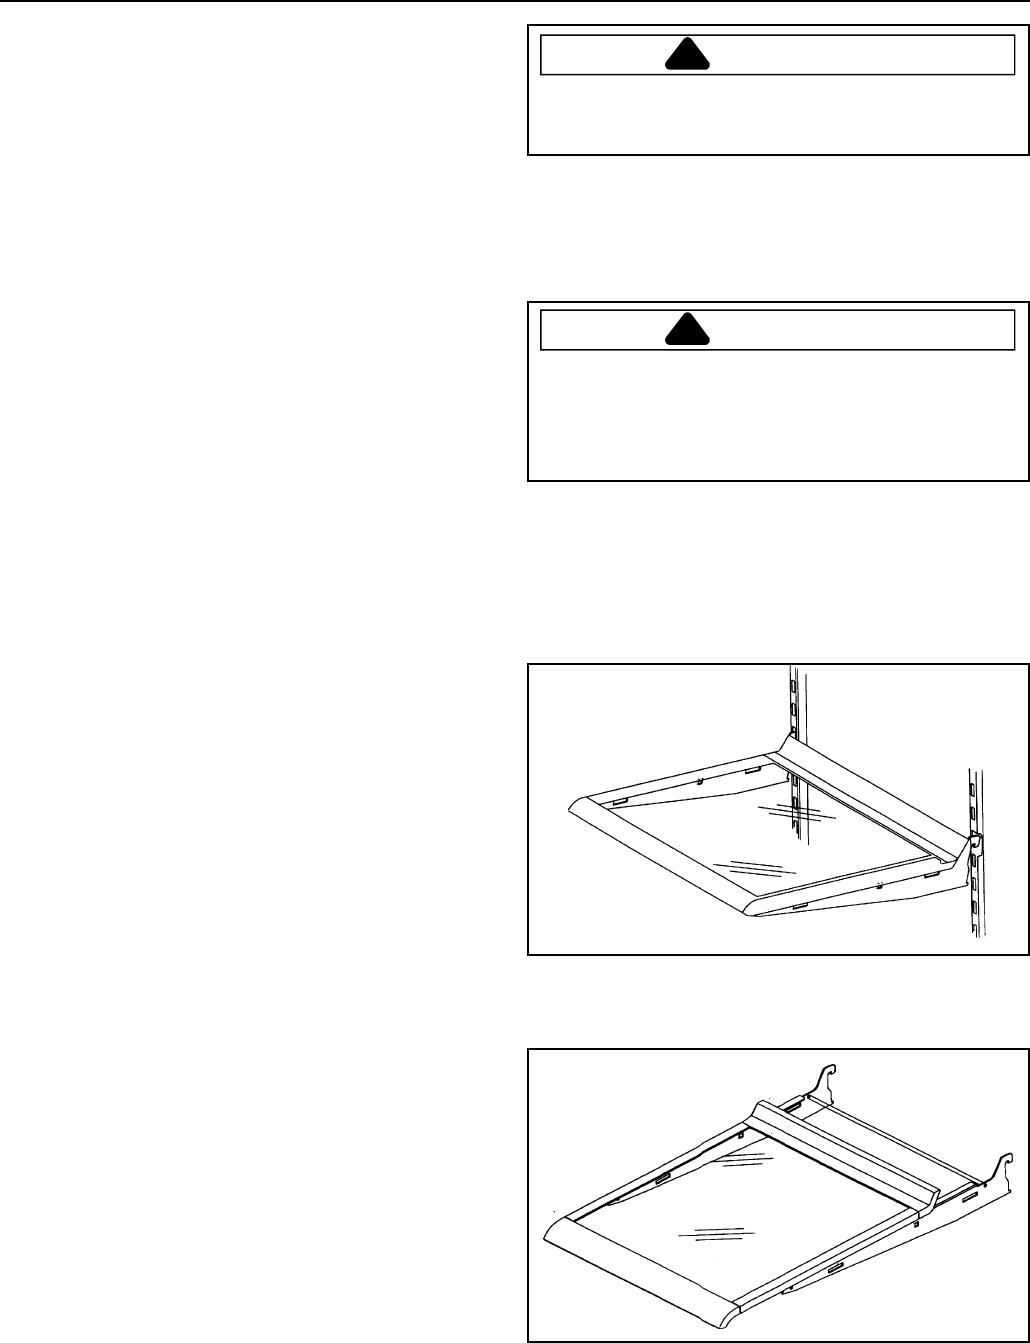 Réfrigérateurs, Congélateurs Amana Side By Réfrigérateur Congélateur Métal Étagère 30.5cm Large Modèle High Quality